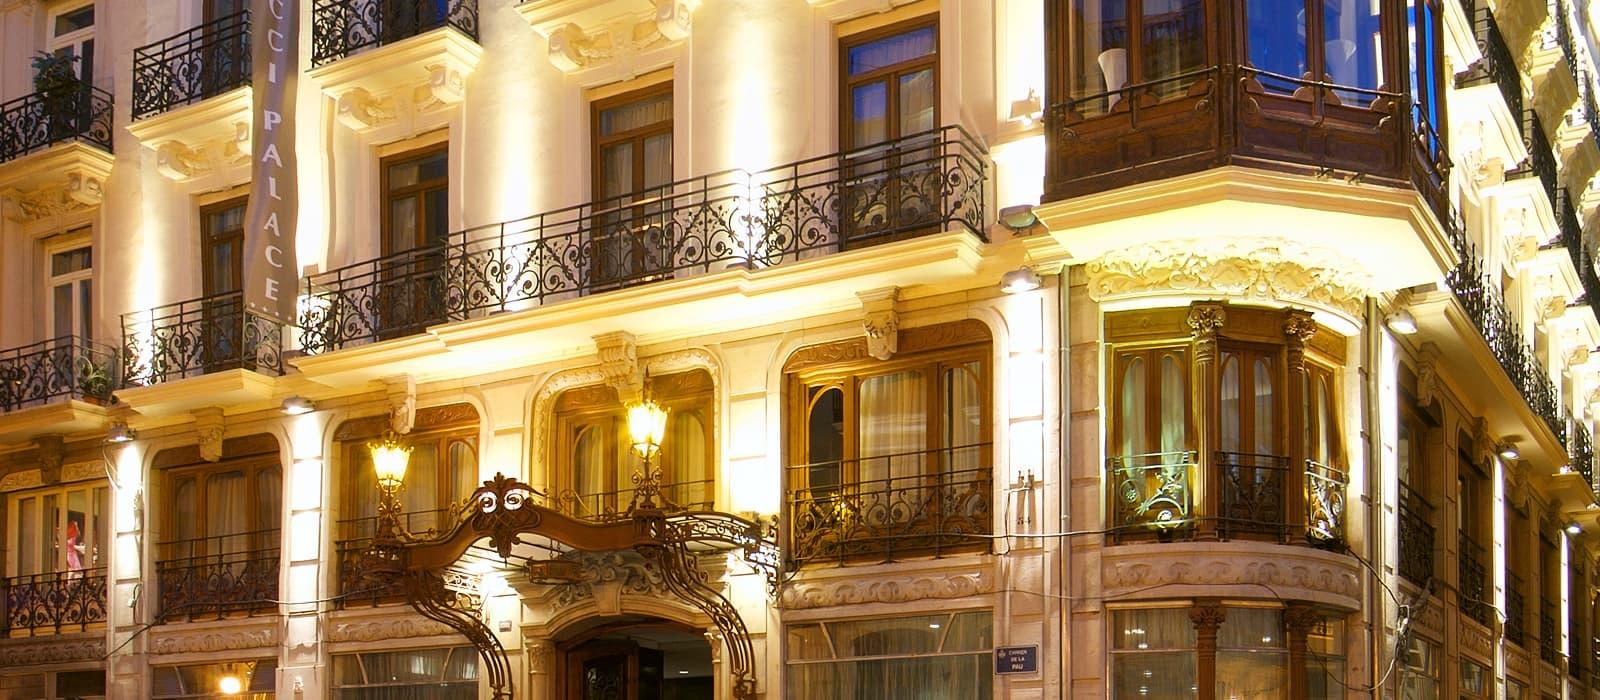 Hoteles Vincci. Das Hotel Vincci Palace liegt im Zentrum von Valencia